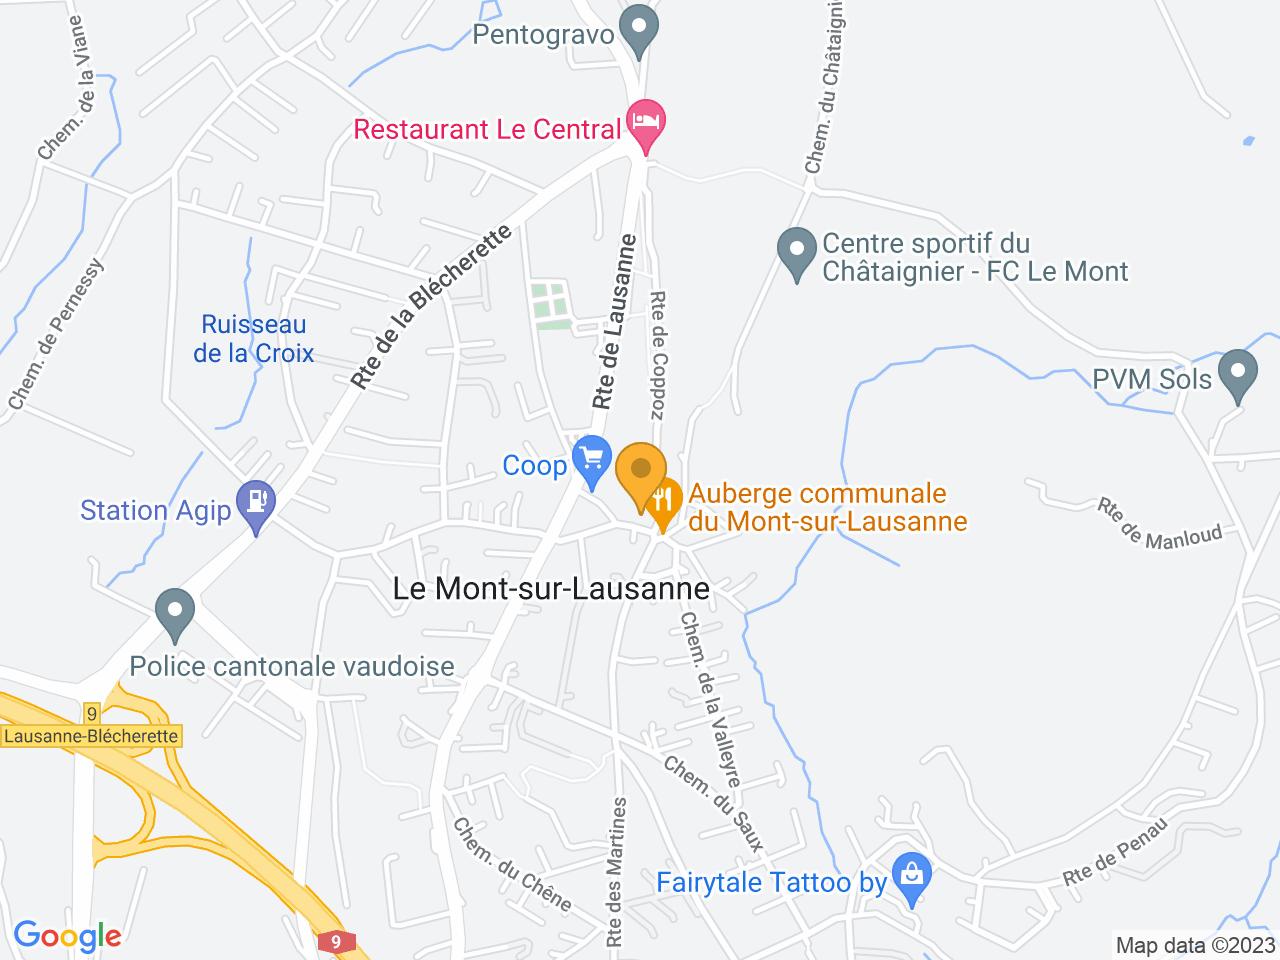 Rue du Petit-Mont 2, 1052 Le Mont-sur-Lausanne